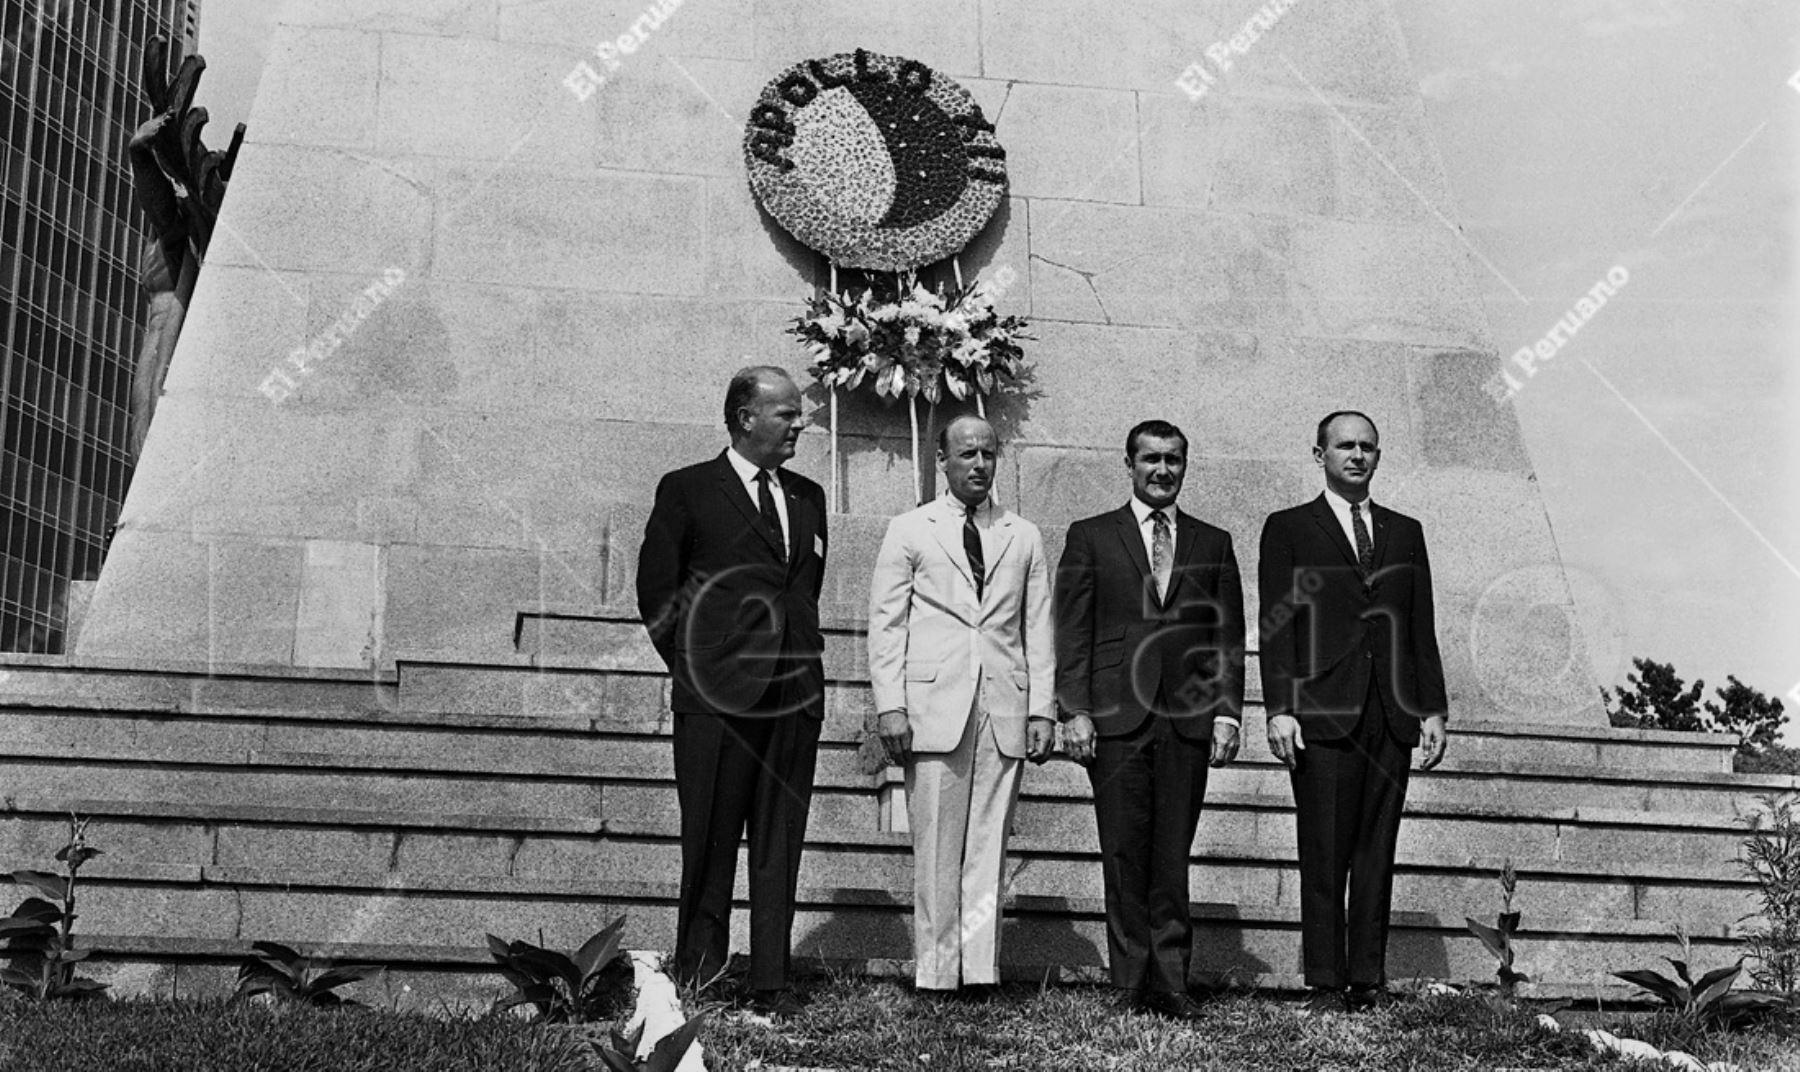 Lima - 17 febrero 1970 / Los astronautas del Apolo XII: Charles Conrad, Richard Gordon y Alan Bean rindieron un emotivo homenaje a Jorge Chávez, héroe de la aviación nacional. Archivo